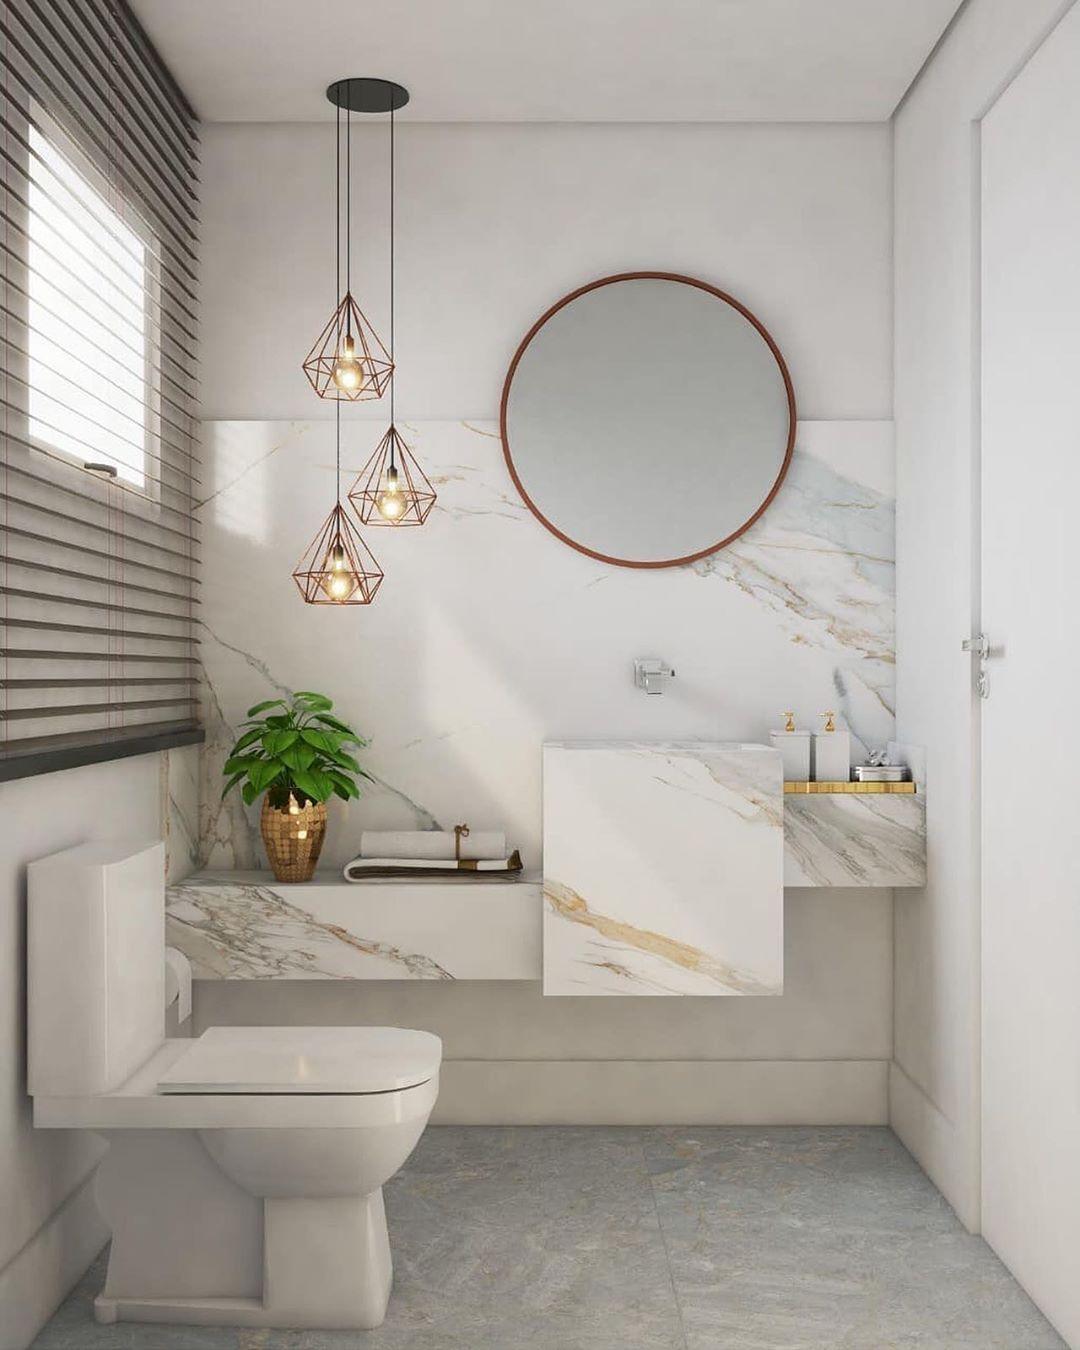 Modern Bathroom Design Ideas in 2020 | Round mirror ...